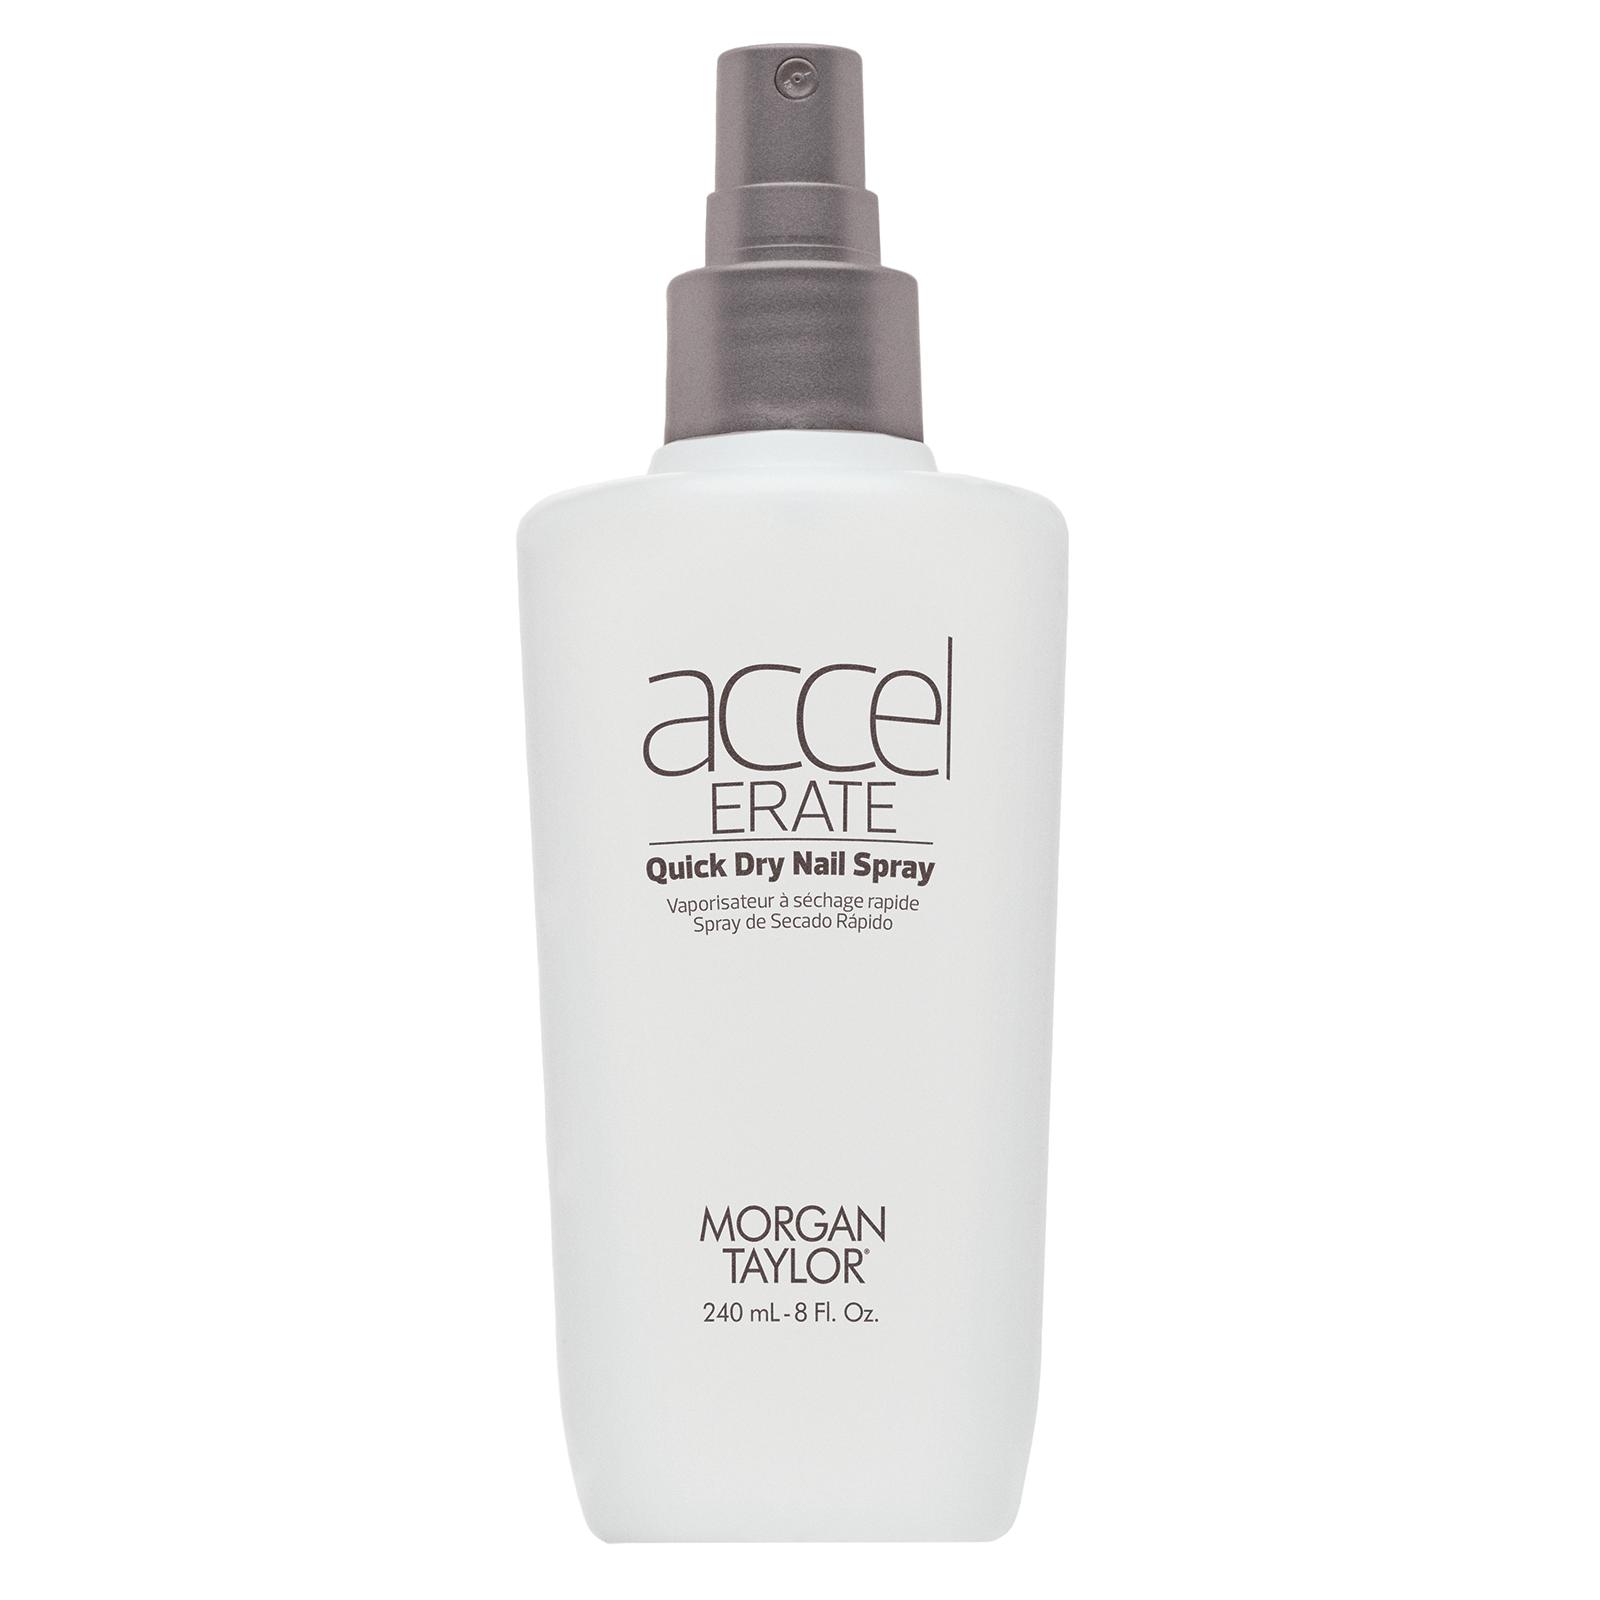 Accelerate Quick Dry Spray - Morgan Taylor | CosmoProf